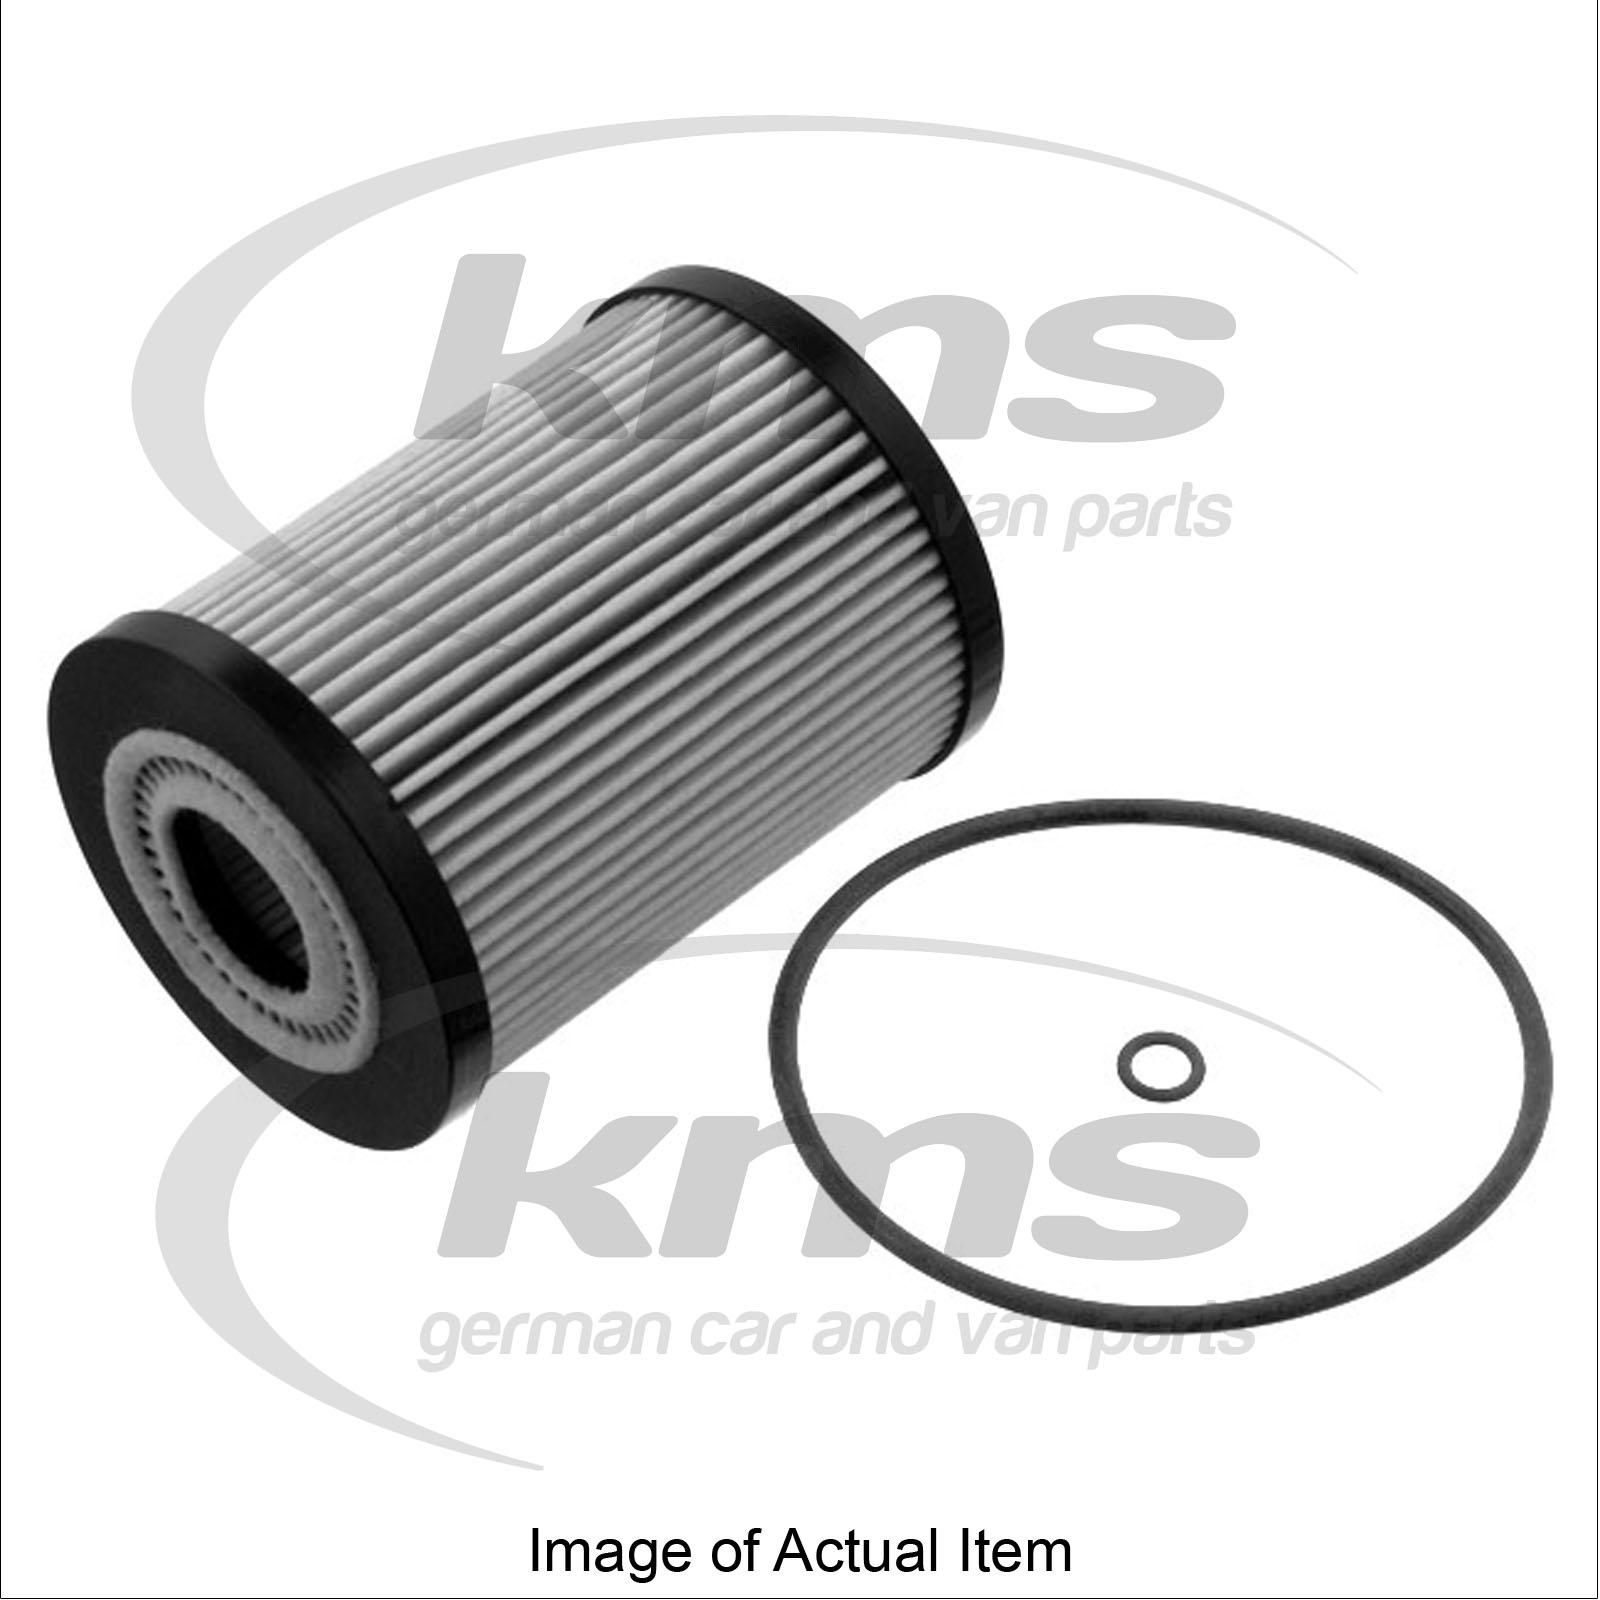 Oil filter mercedes benz sprinter van 319 cdi 2006 3 0l for Mercedes benz oil filters